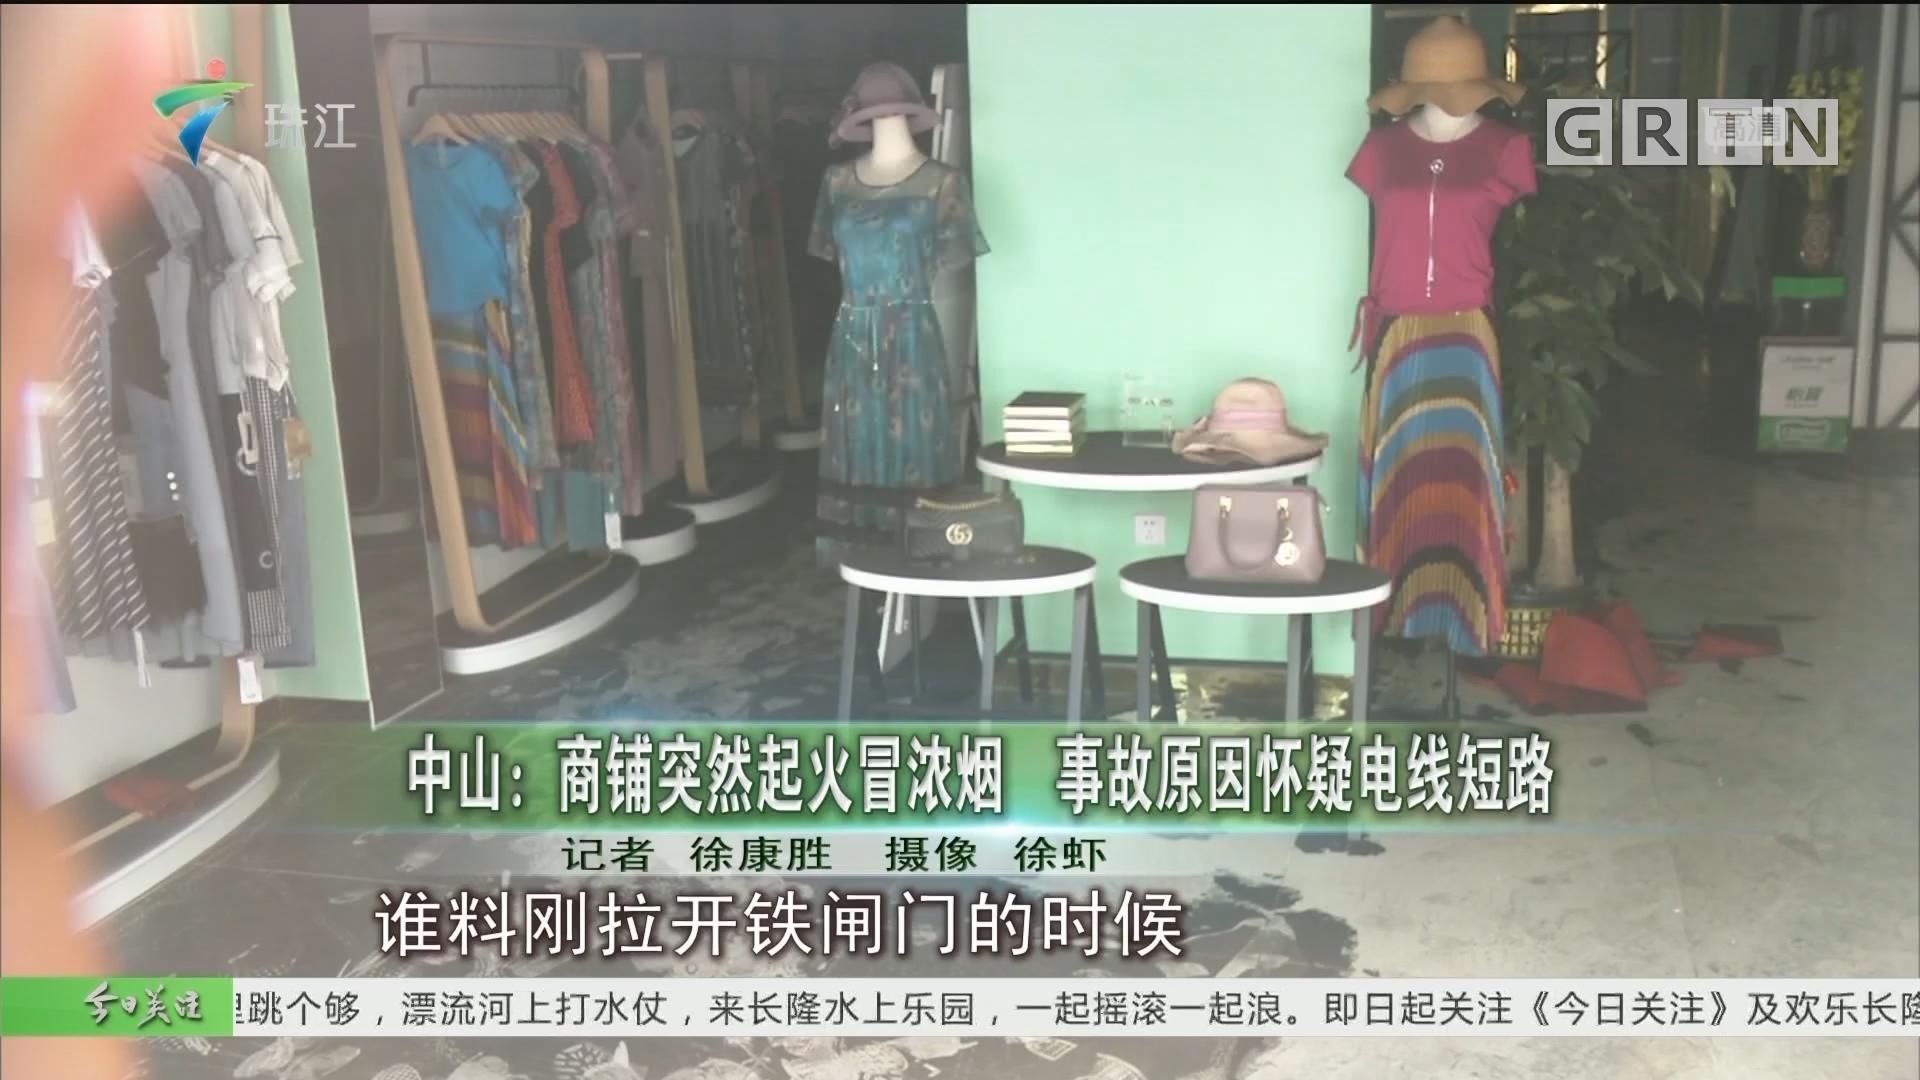 中山:商铺突然起火冒浓烟 事故原因怀疑电线短路